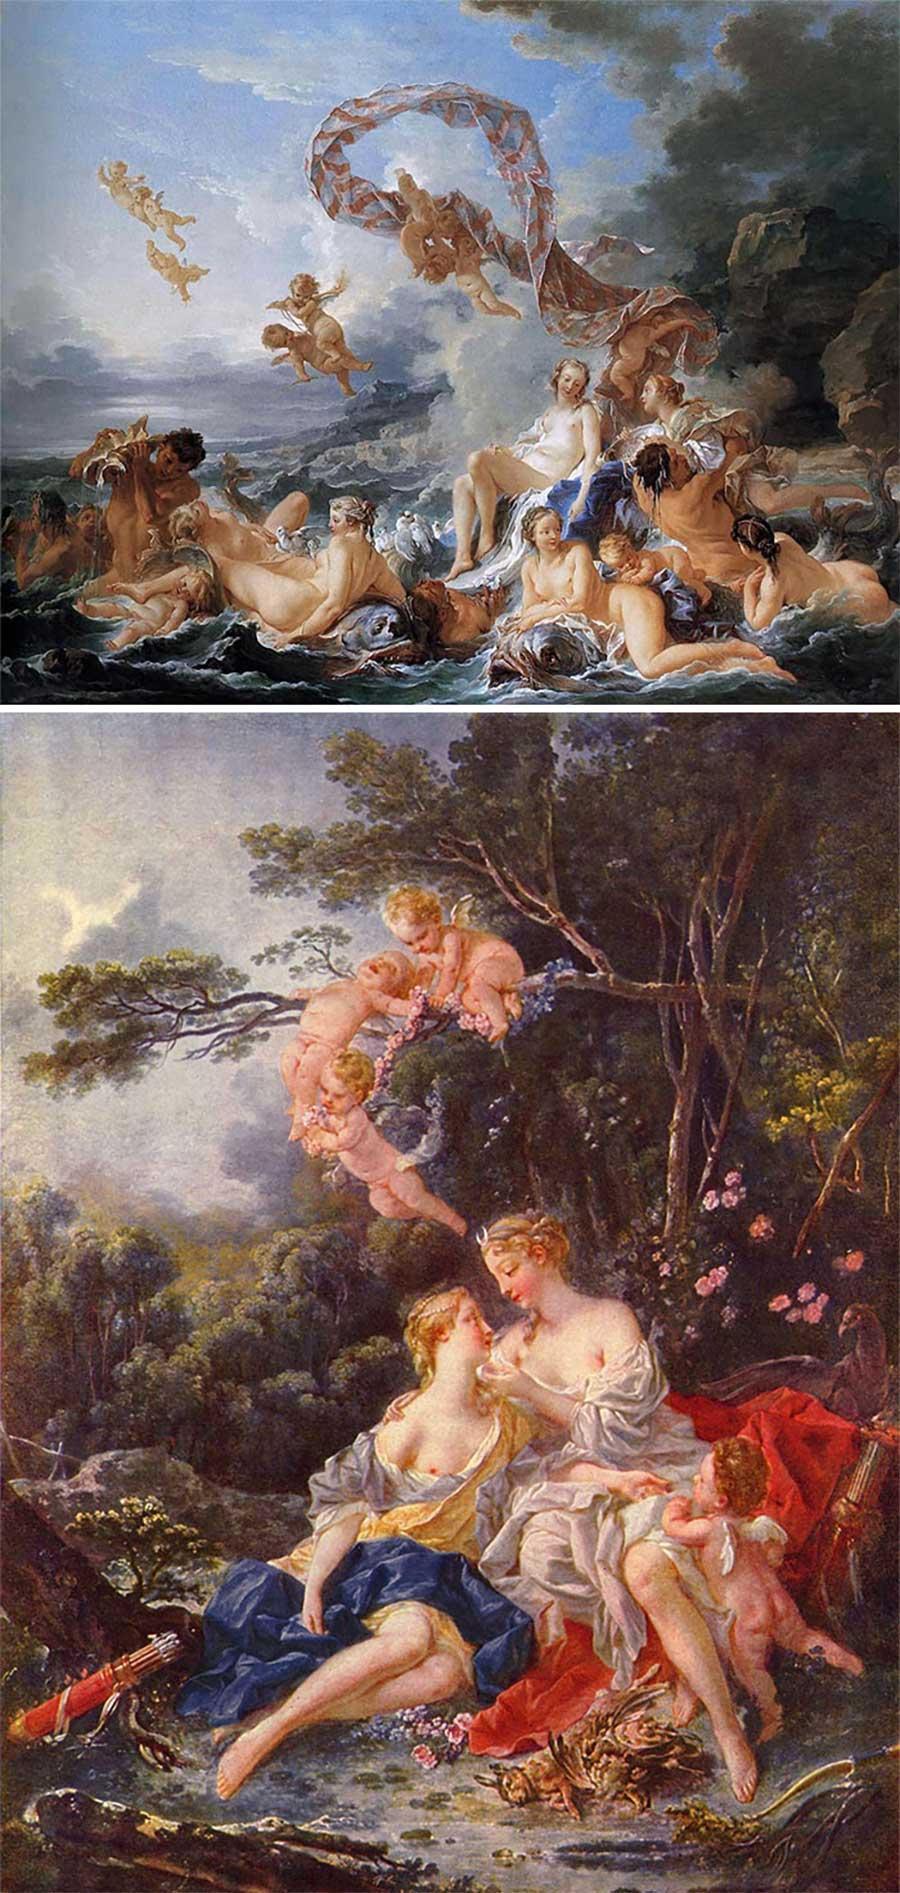 Ulkige Merkmale, woran man erkennen kann, welcher Künstler ein Gemälde gemalt hat gemaelde-malern-zuordnen-fun_19